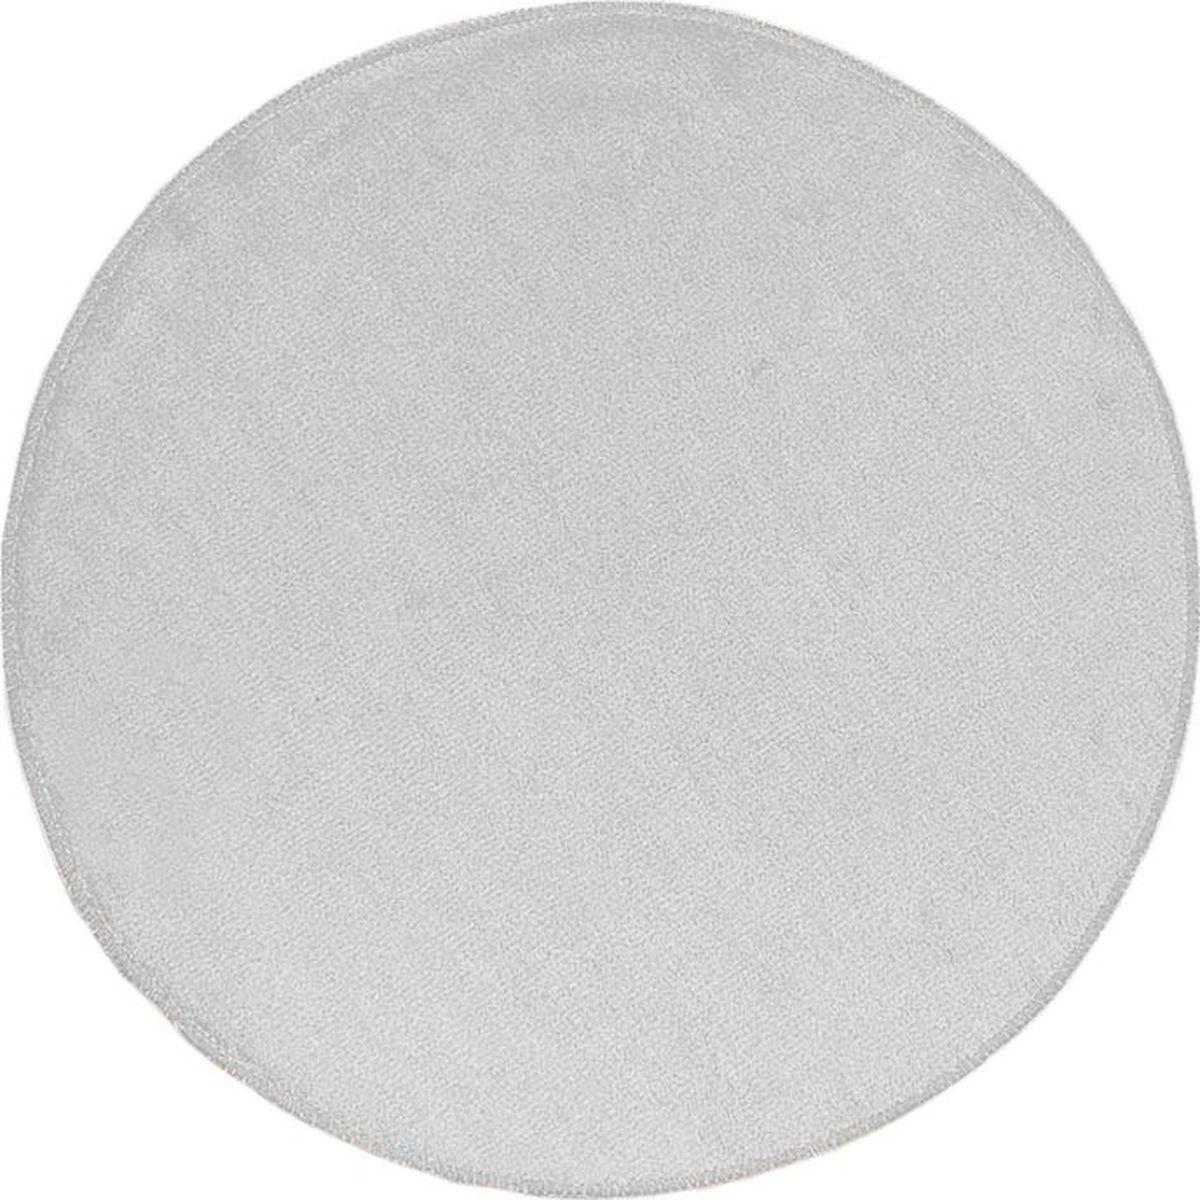 Коврик для ванной Ridder Round, цвет: белый, диаметр 60 см поручень для ванной ridder promo цвет белый длина 60 см а1016001 page 9